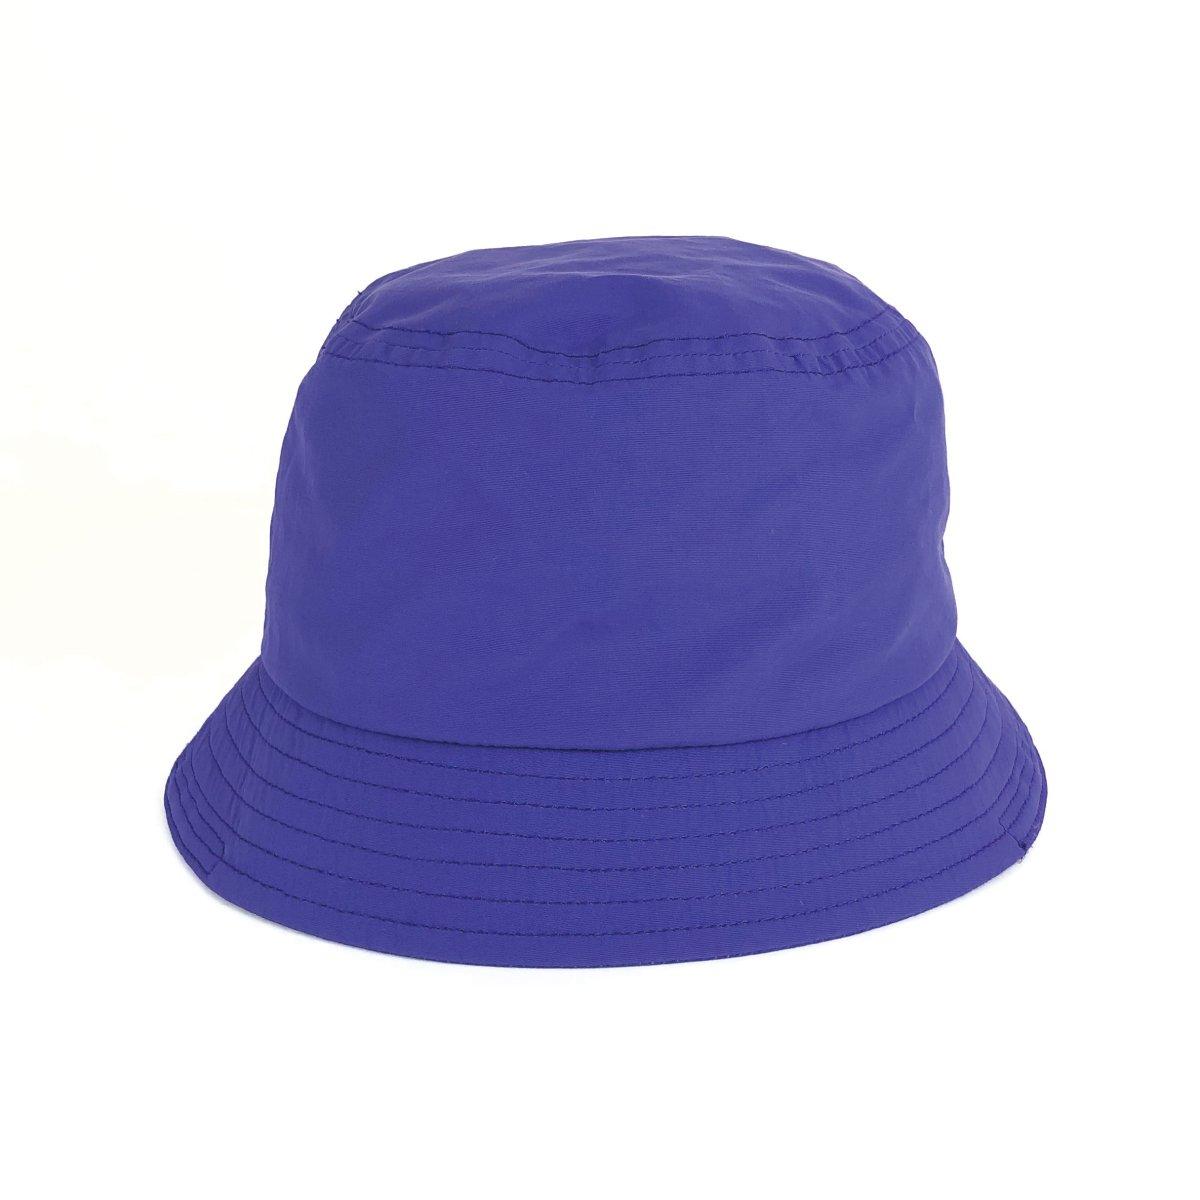 【KIDS】Kids Obey Hat 詳細画像17